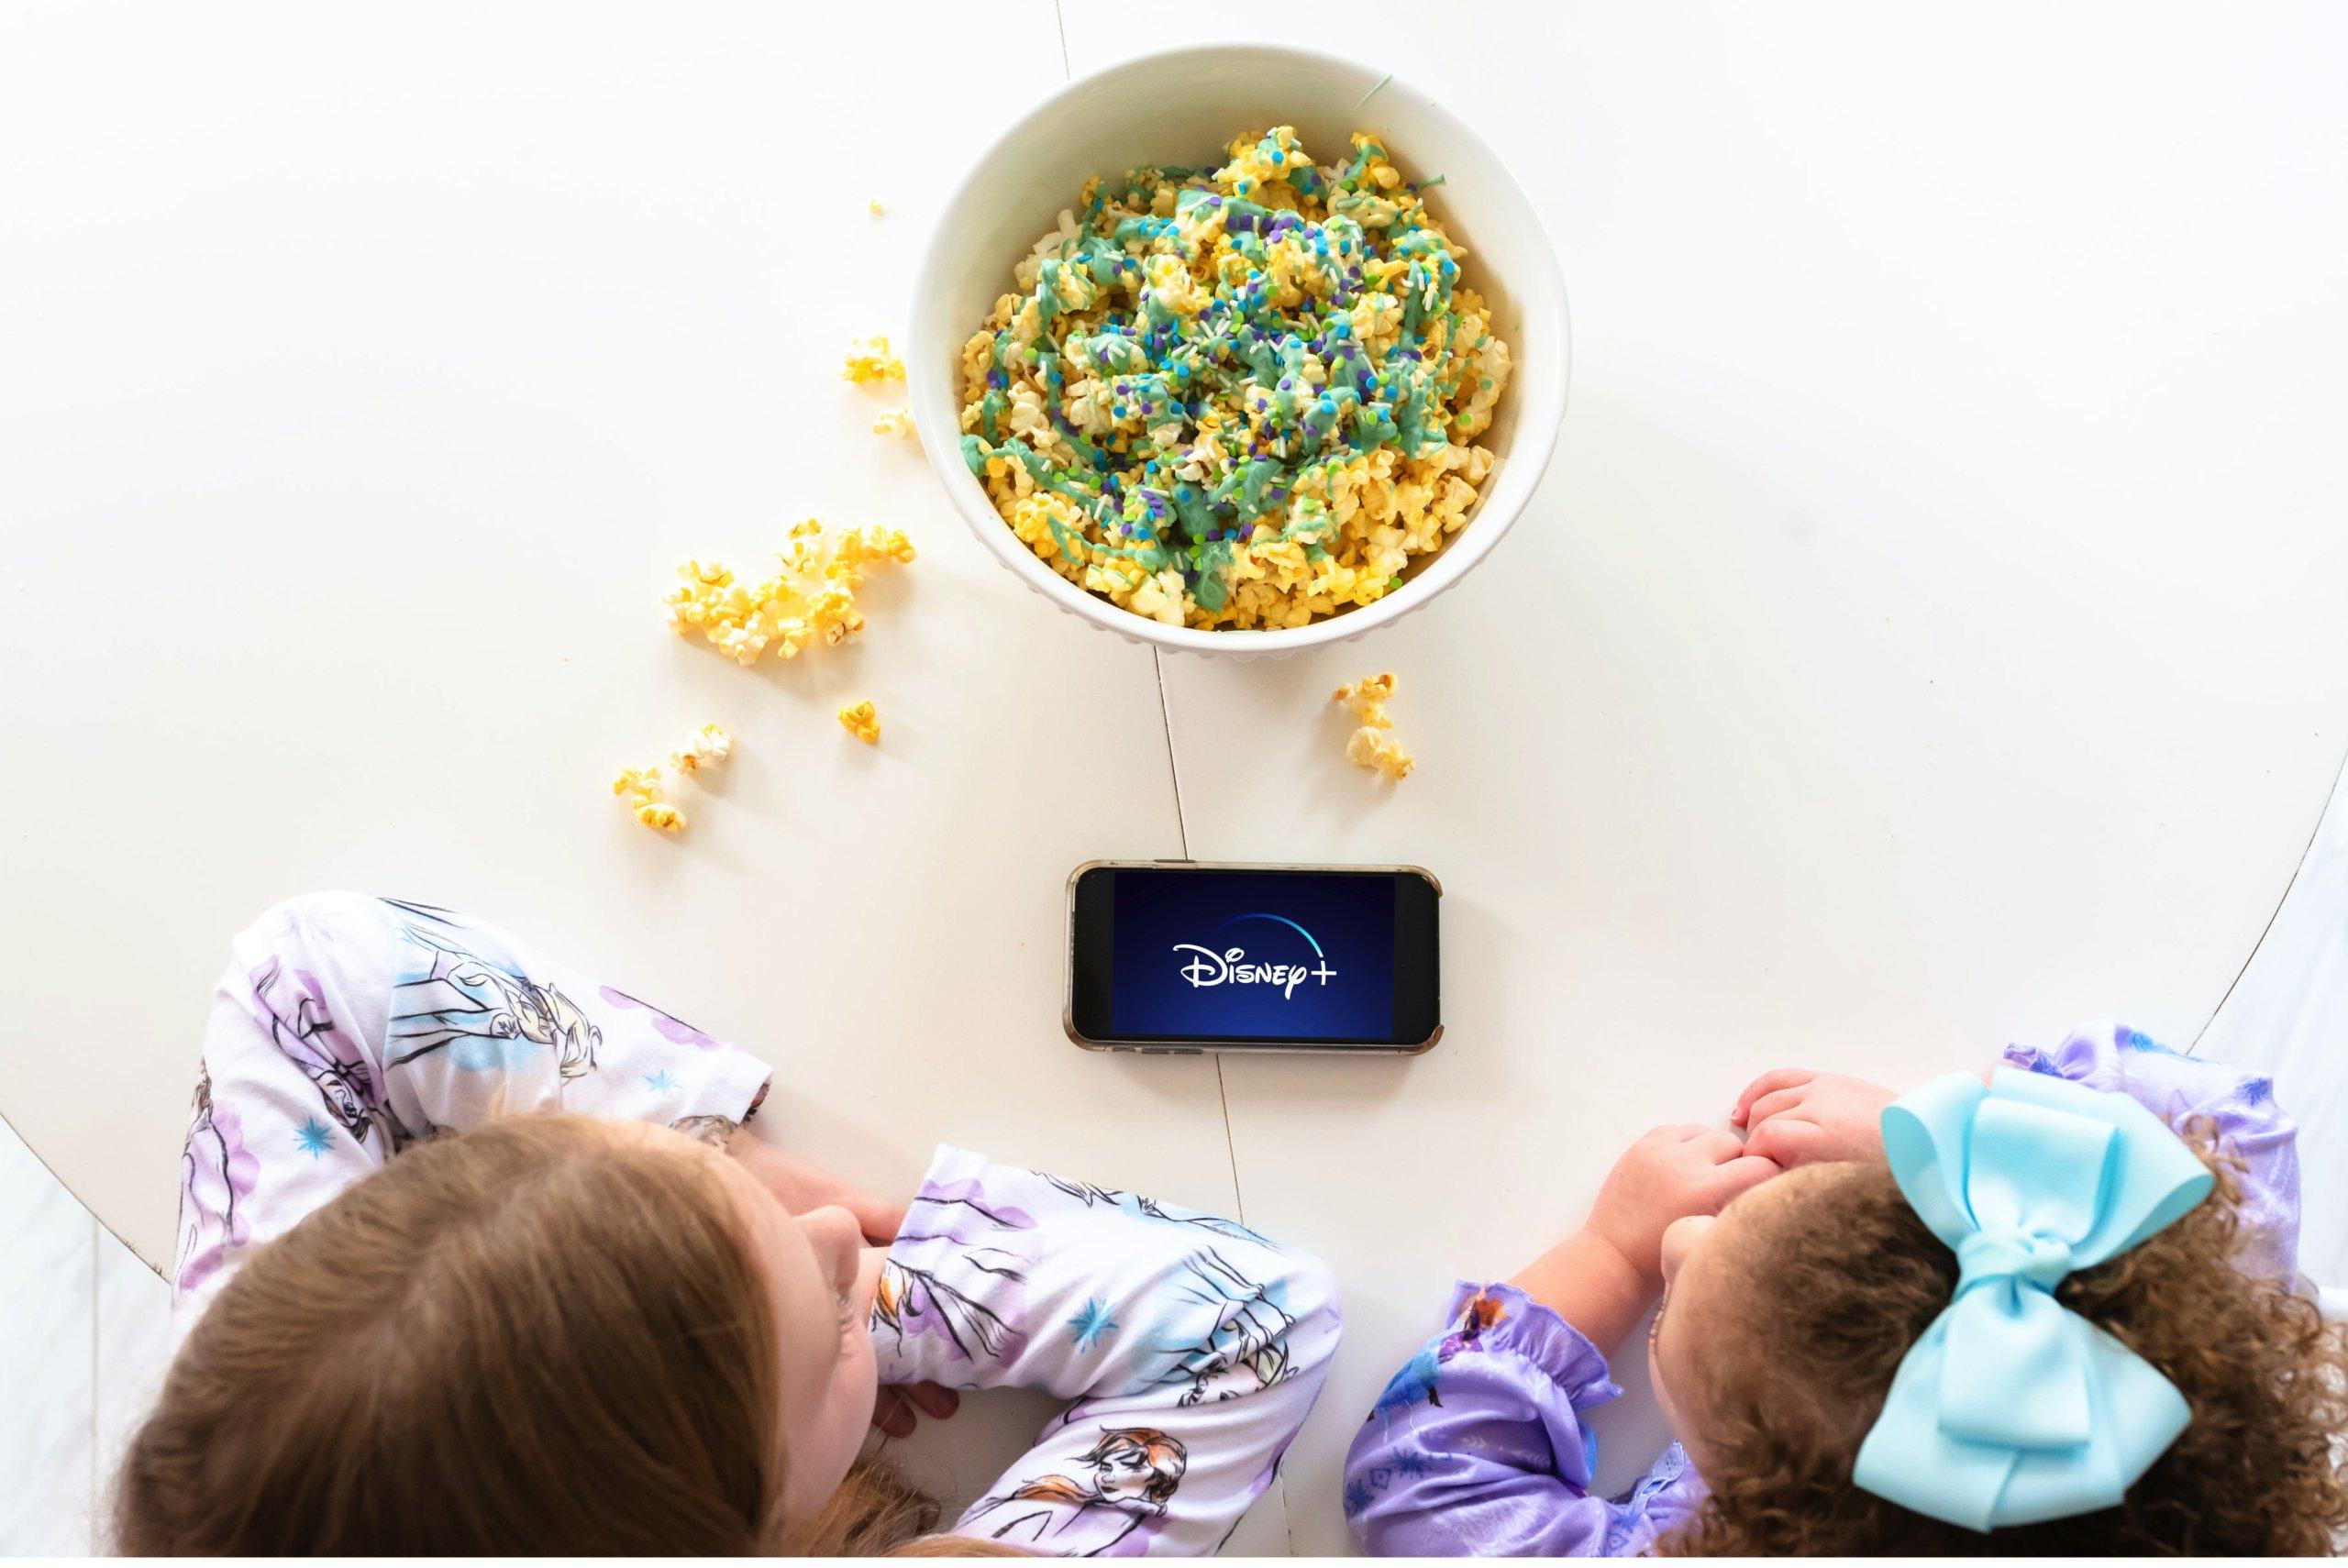 disney+, what is Disney+, Style Your Senses